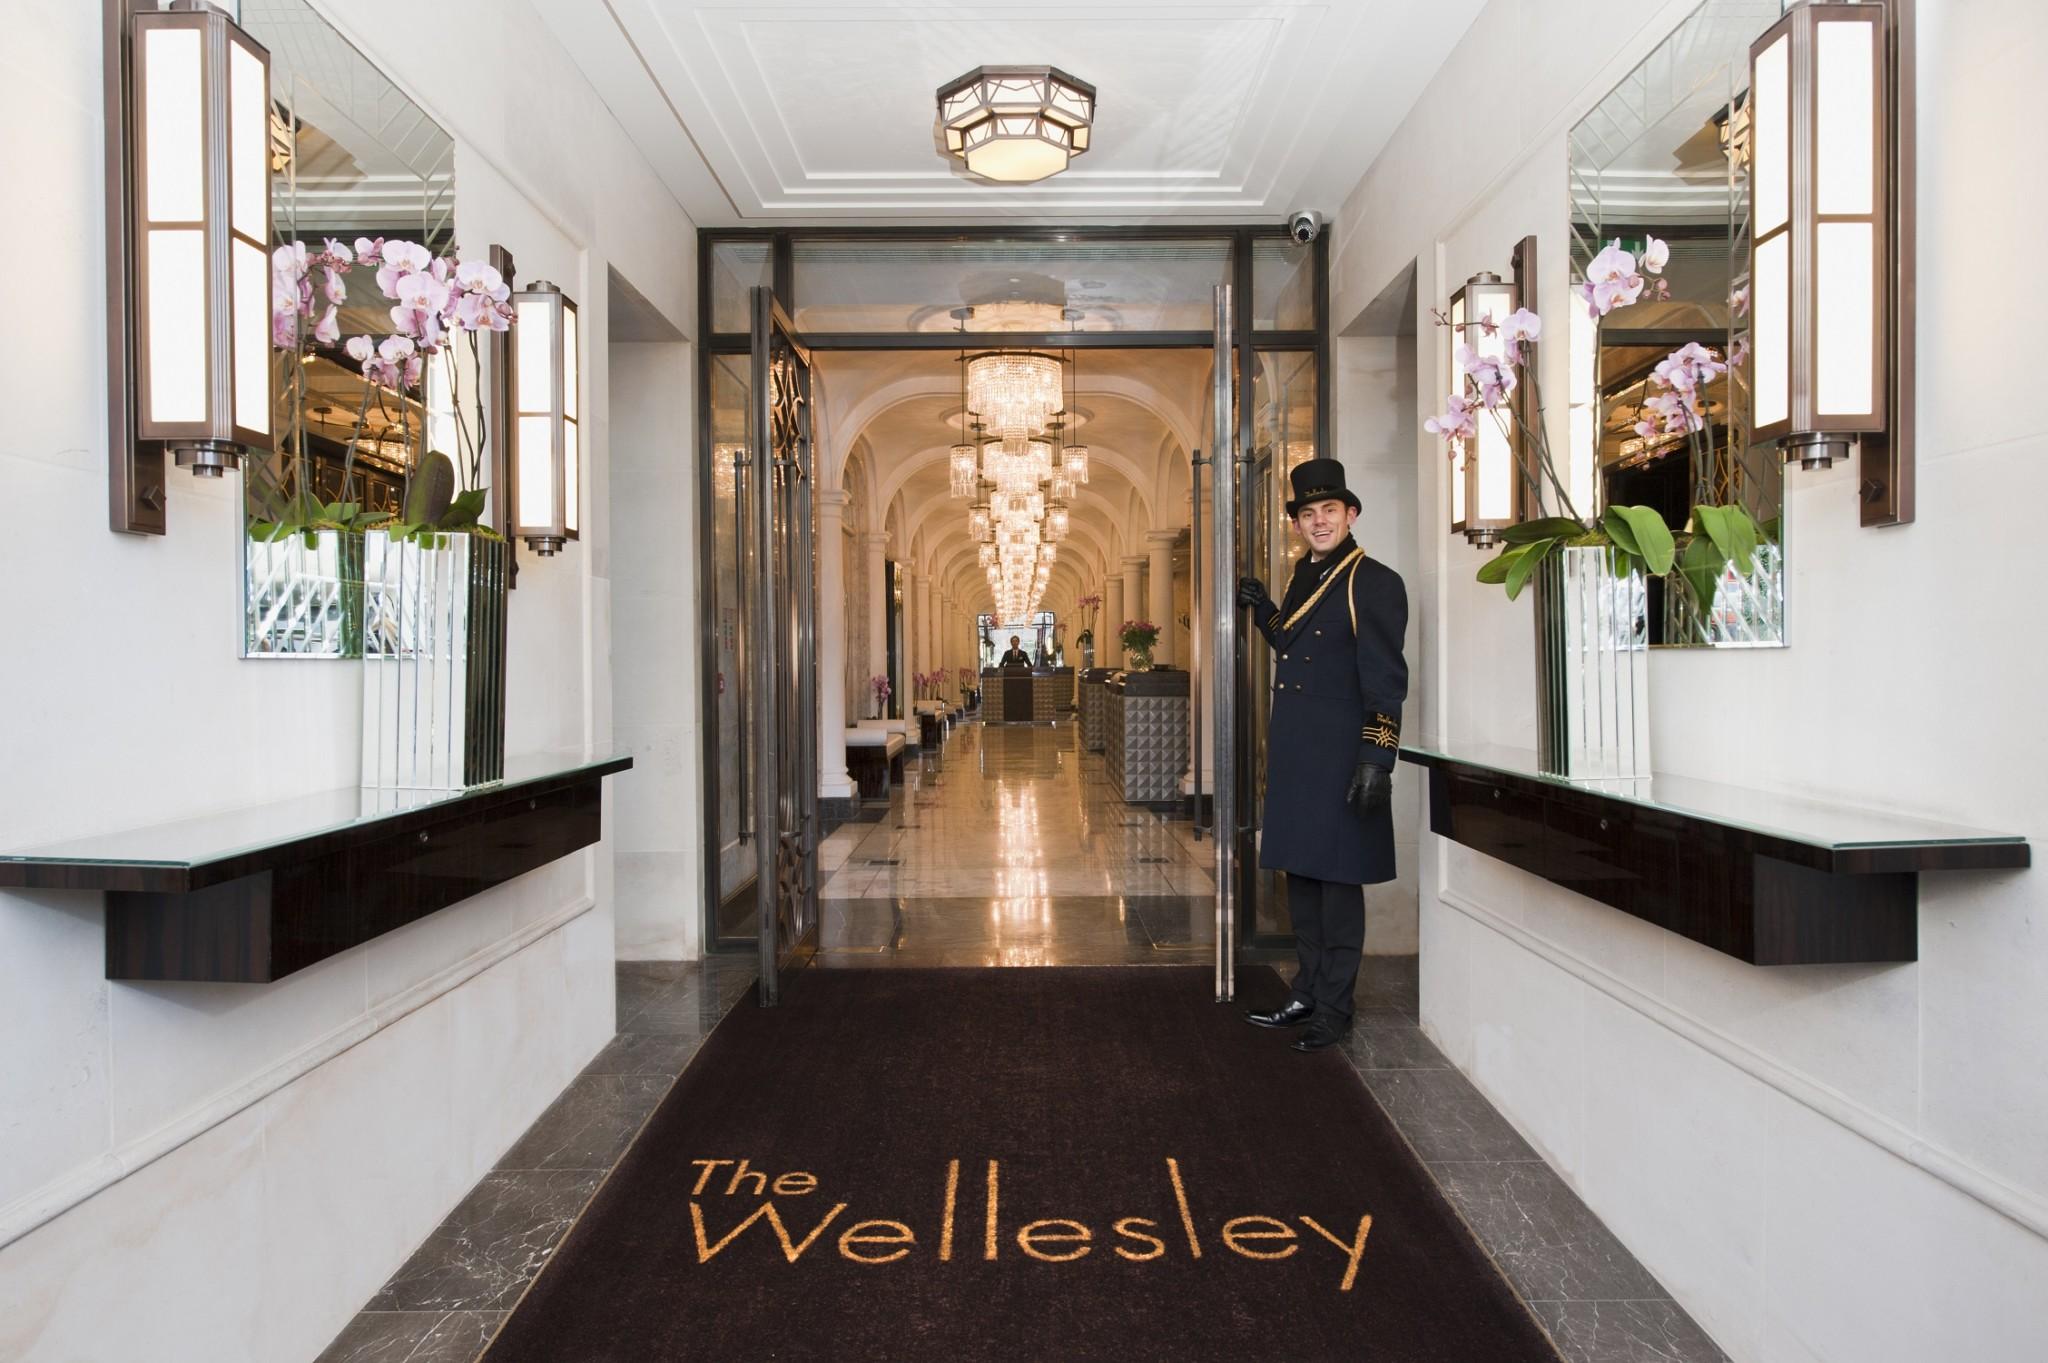 The-Wellesley-welcome